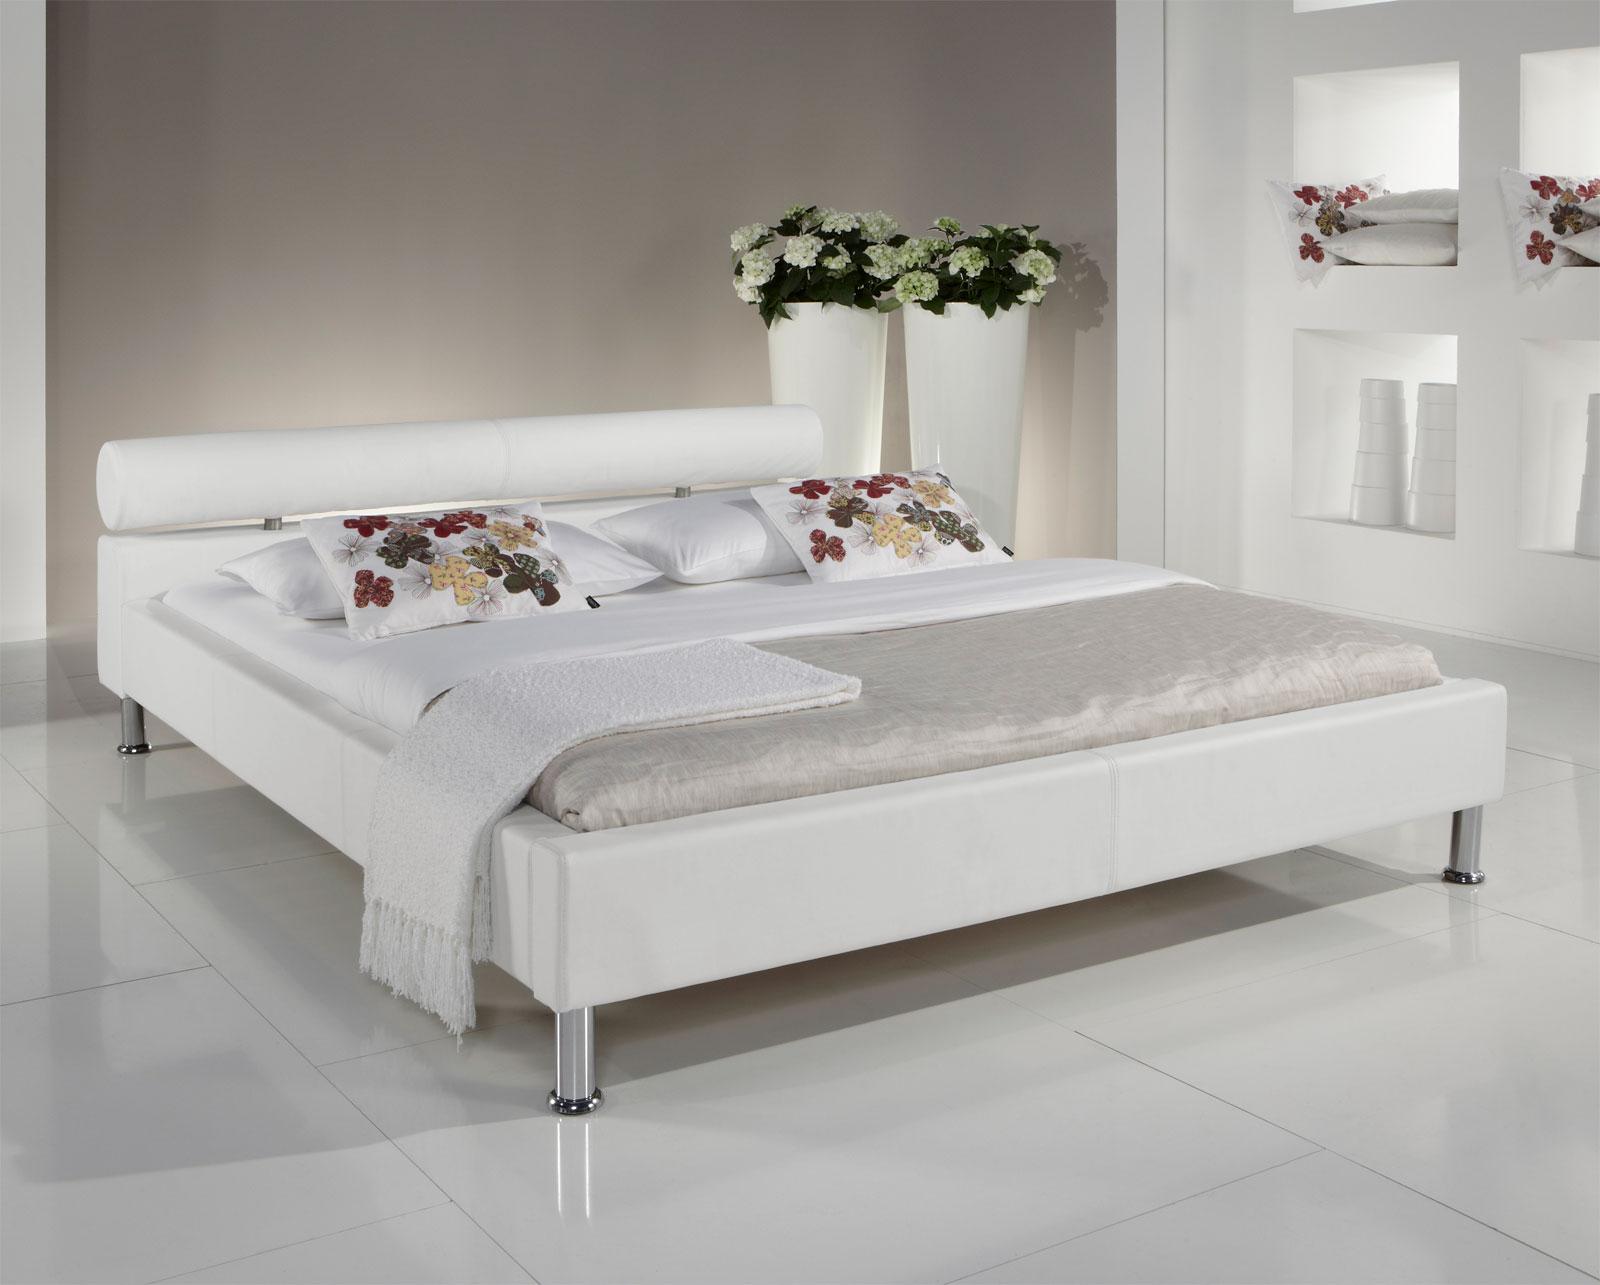 Lederbetten mit Bettkasten - Betten aus Leder günstig